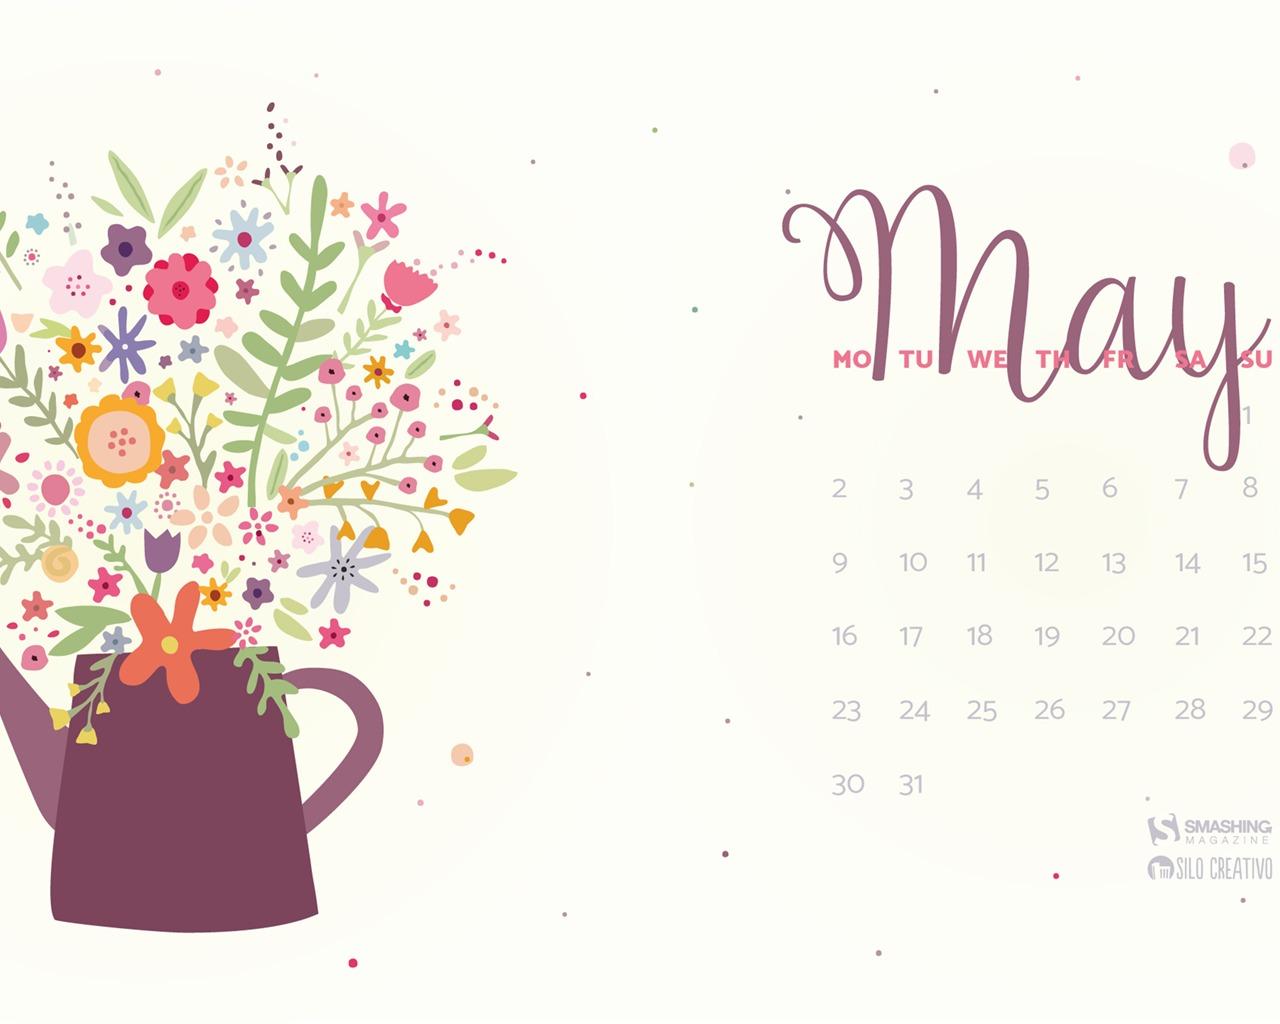 五月日历表_添加颜色给你的生活-2016年五月日历桌面壁纸